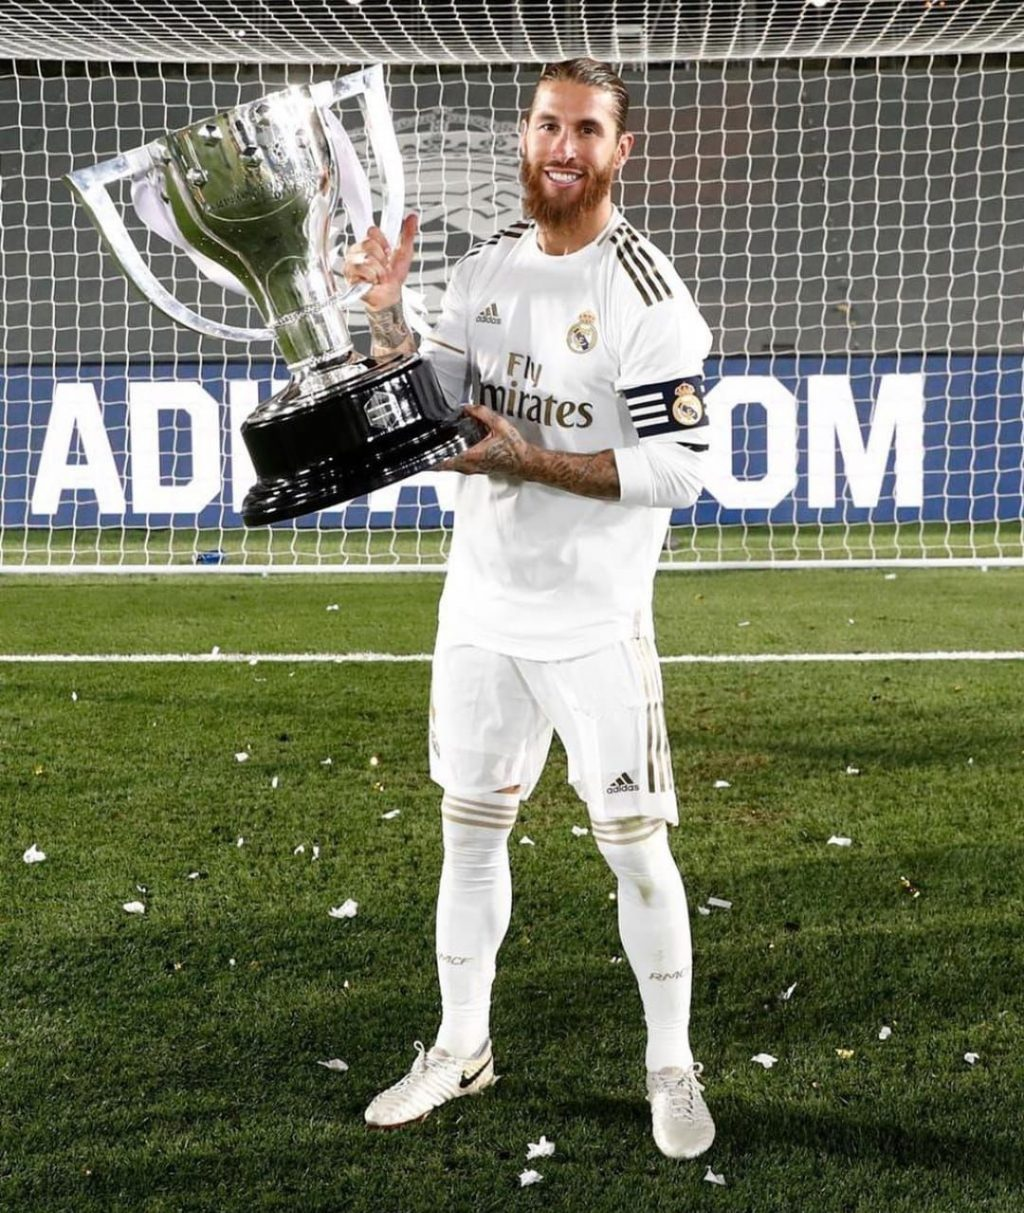 Bagaiman kondisi Real Madrid jika Sergio Ramos Pensiun